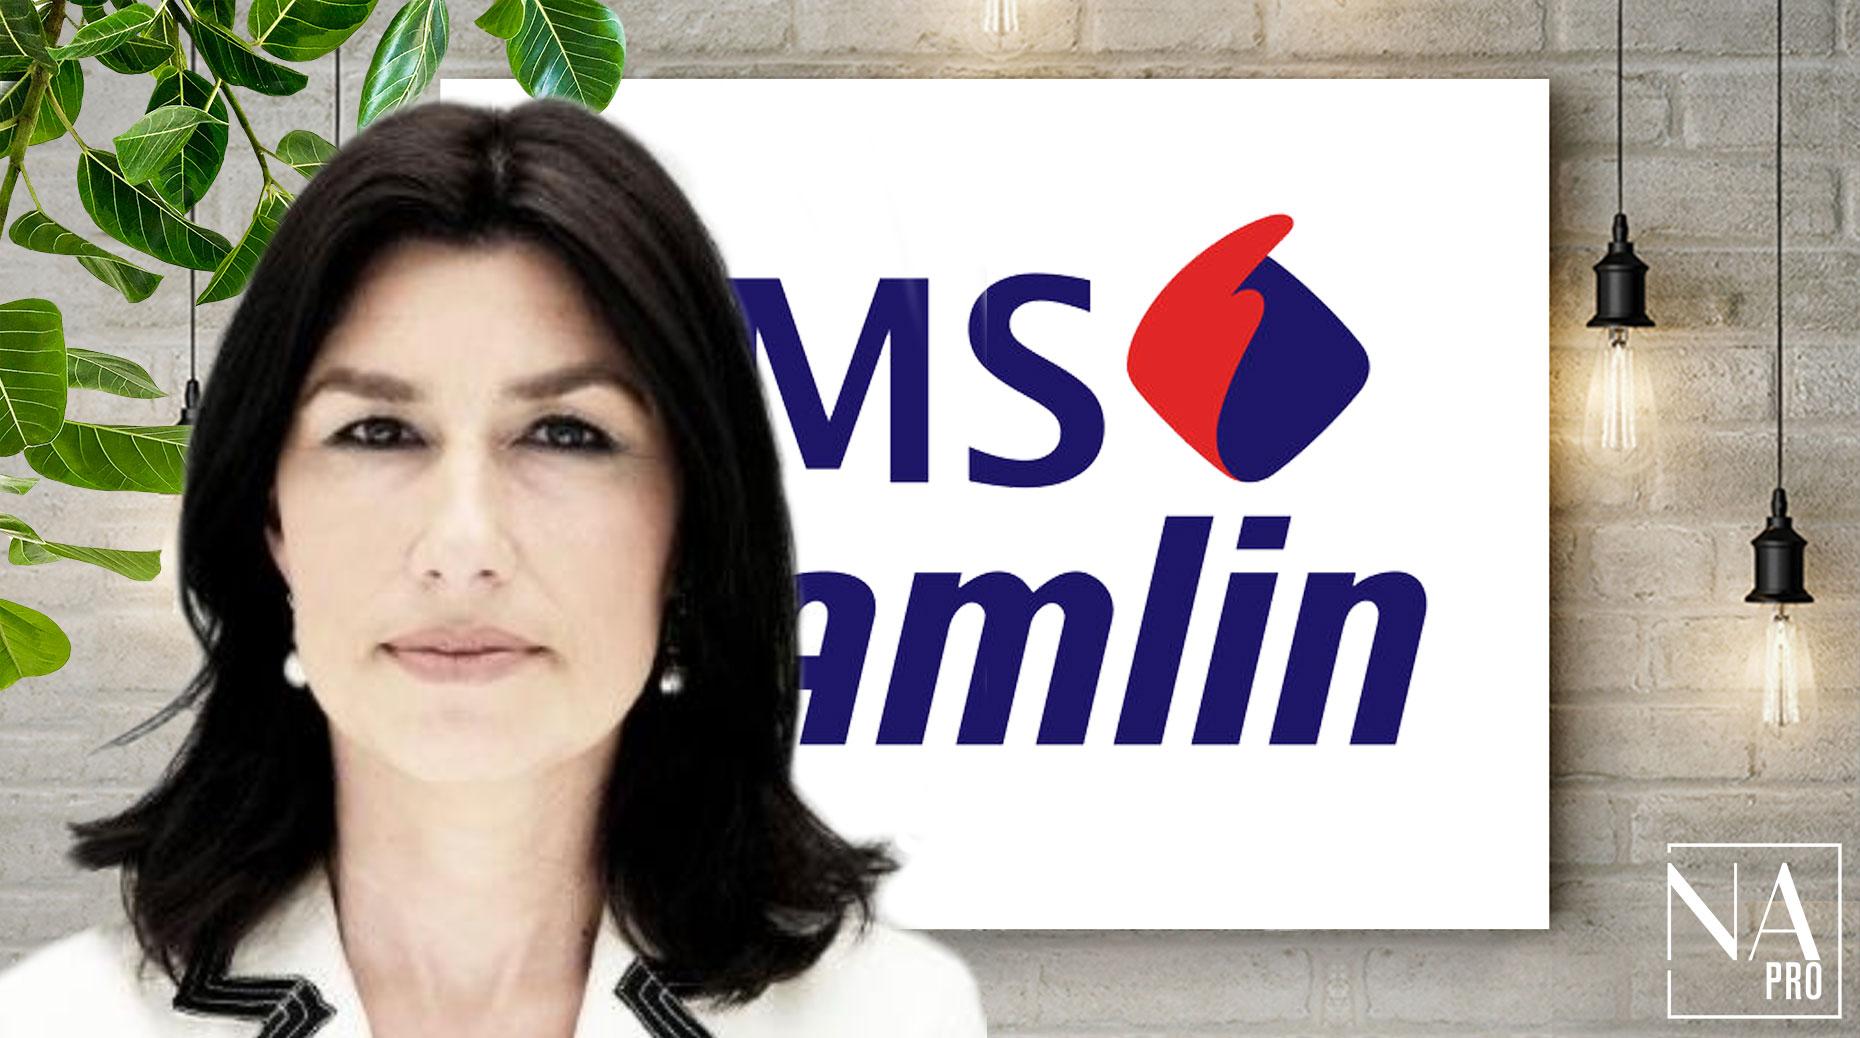 Grands risques : Véronique Perottino prend les rênes de MS Amlin France